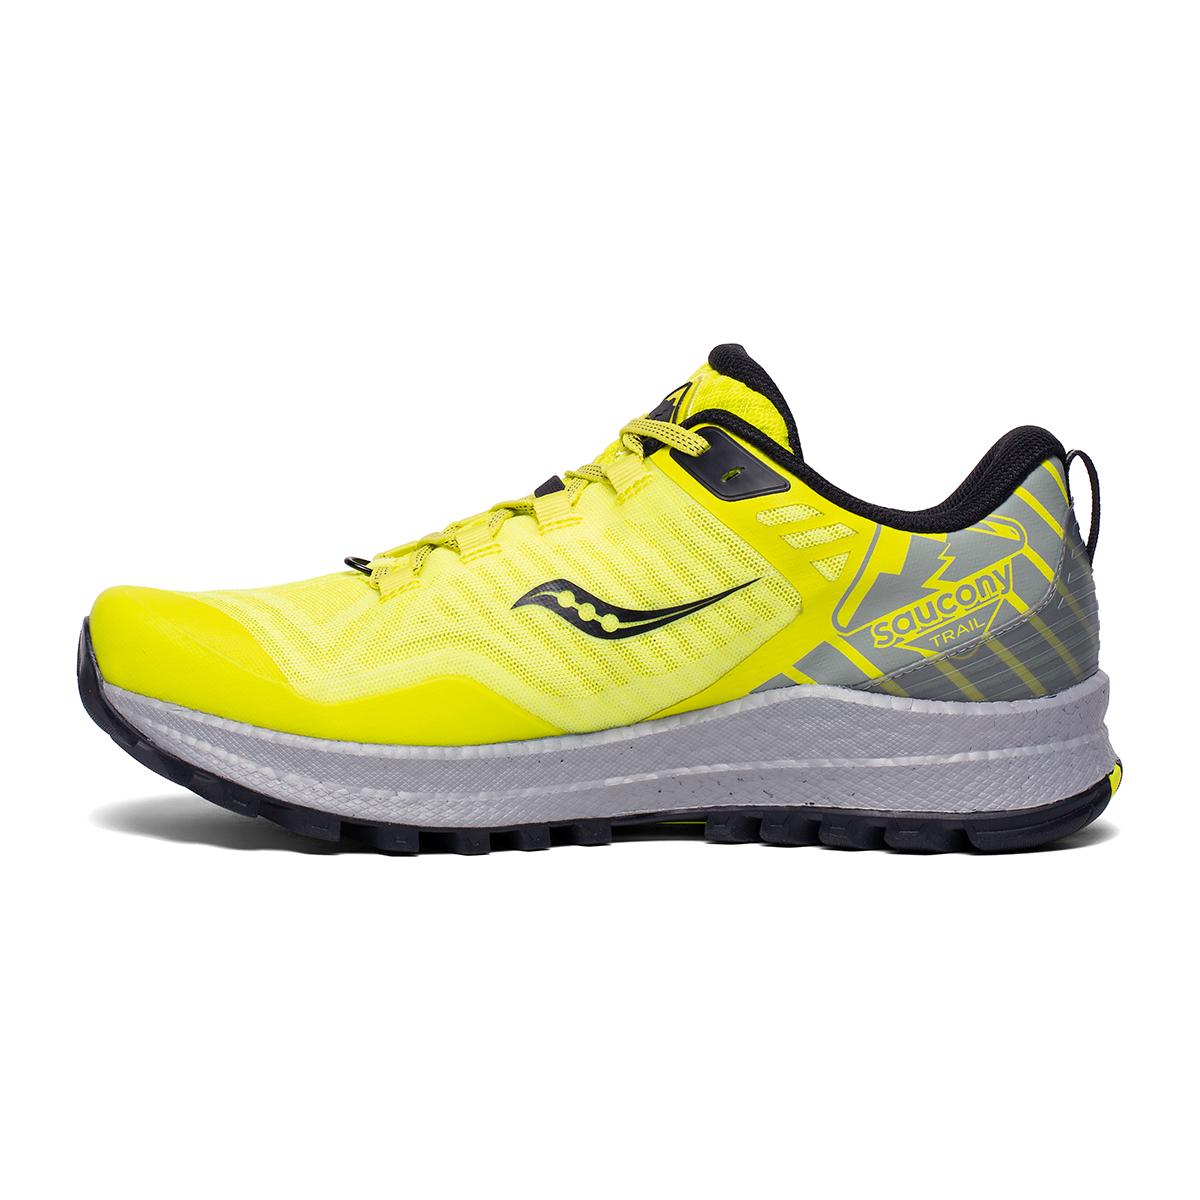 Men's Saucony Xodus 11 Trail Running Shoe - Color: Citrus/Alloy - Size: 7.5 - Width: Regular, Citrus/Alloy, large, image 2